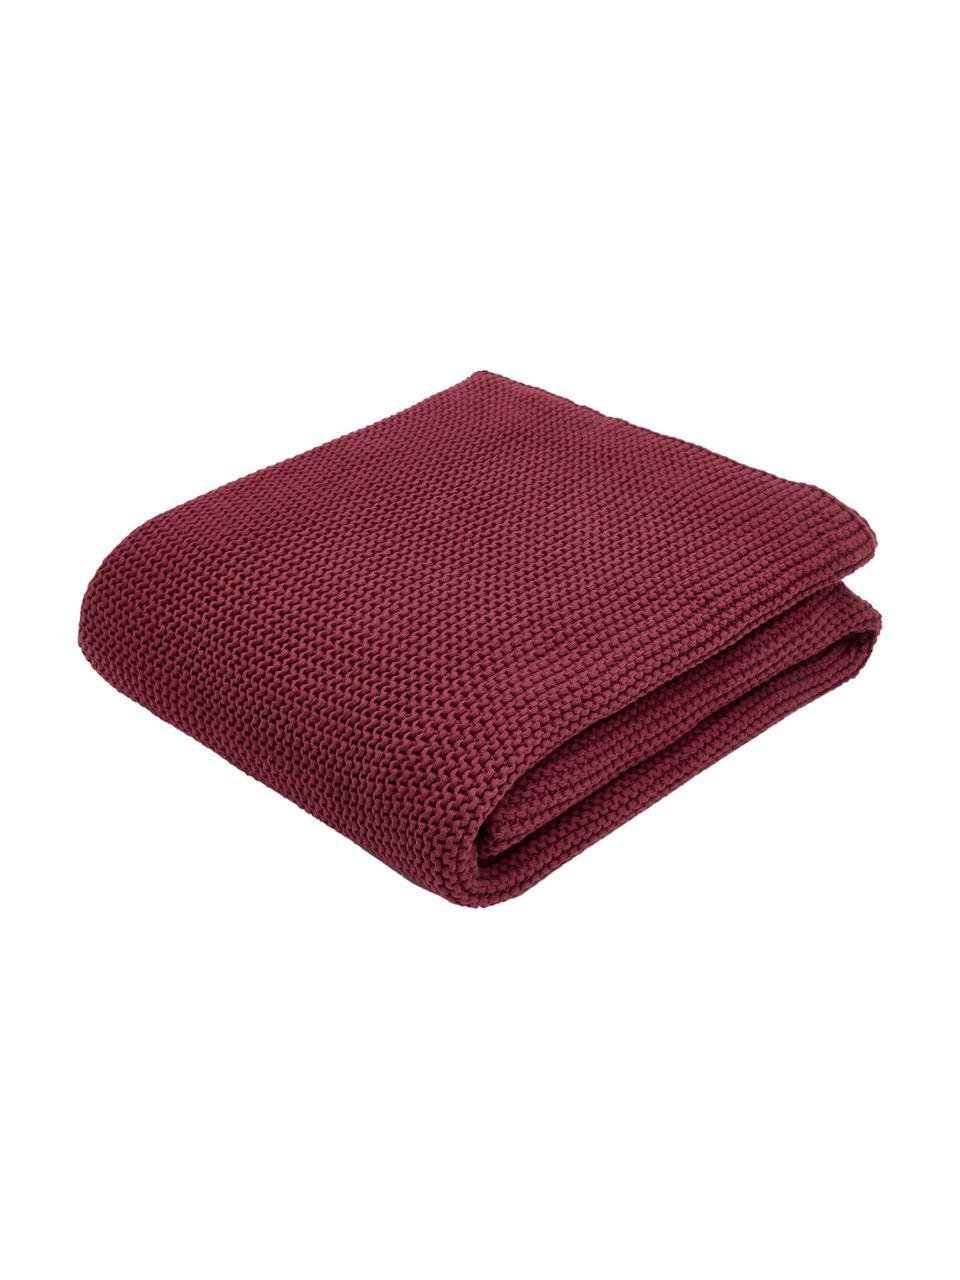 Dzianinowy koc z bawełny organicznej  Adalyn, 100% bawełna organiczna, certyfikat GOTS, Ciemny czerwony, S 150 x D 200 cm